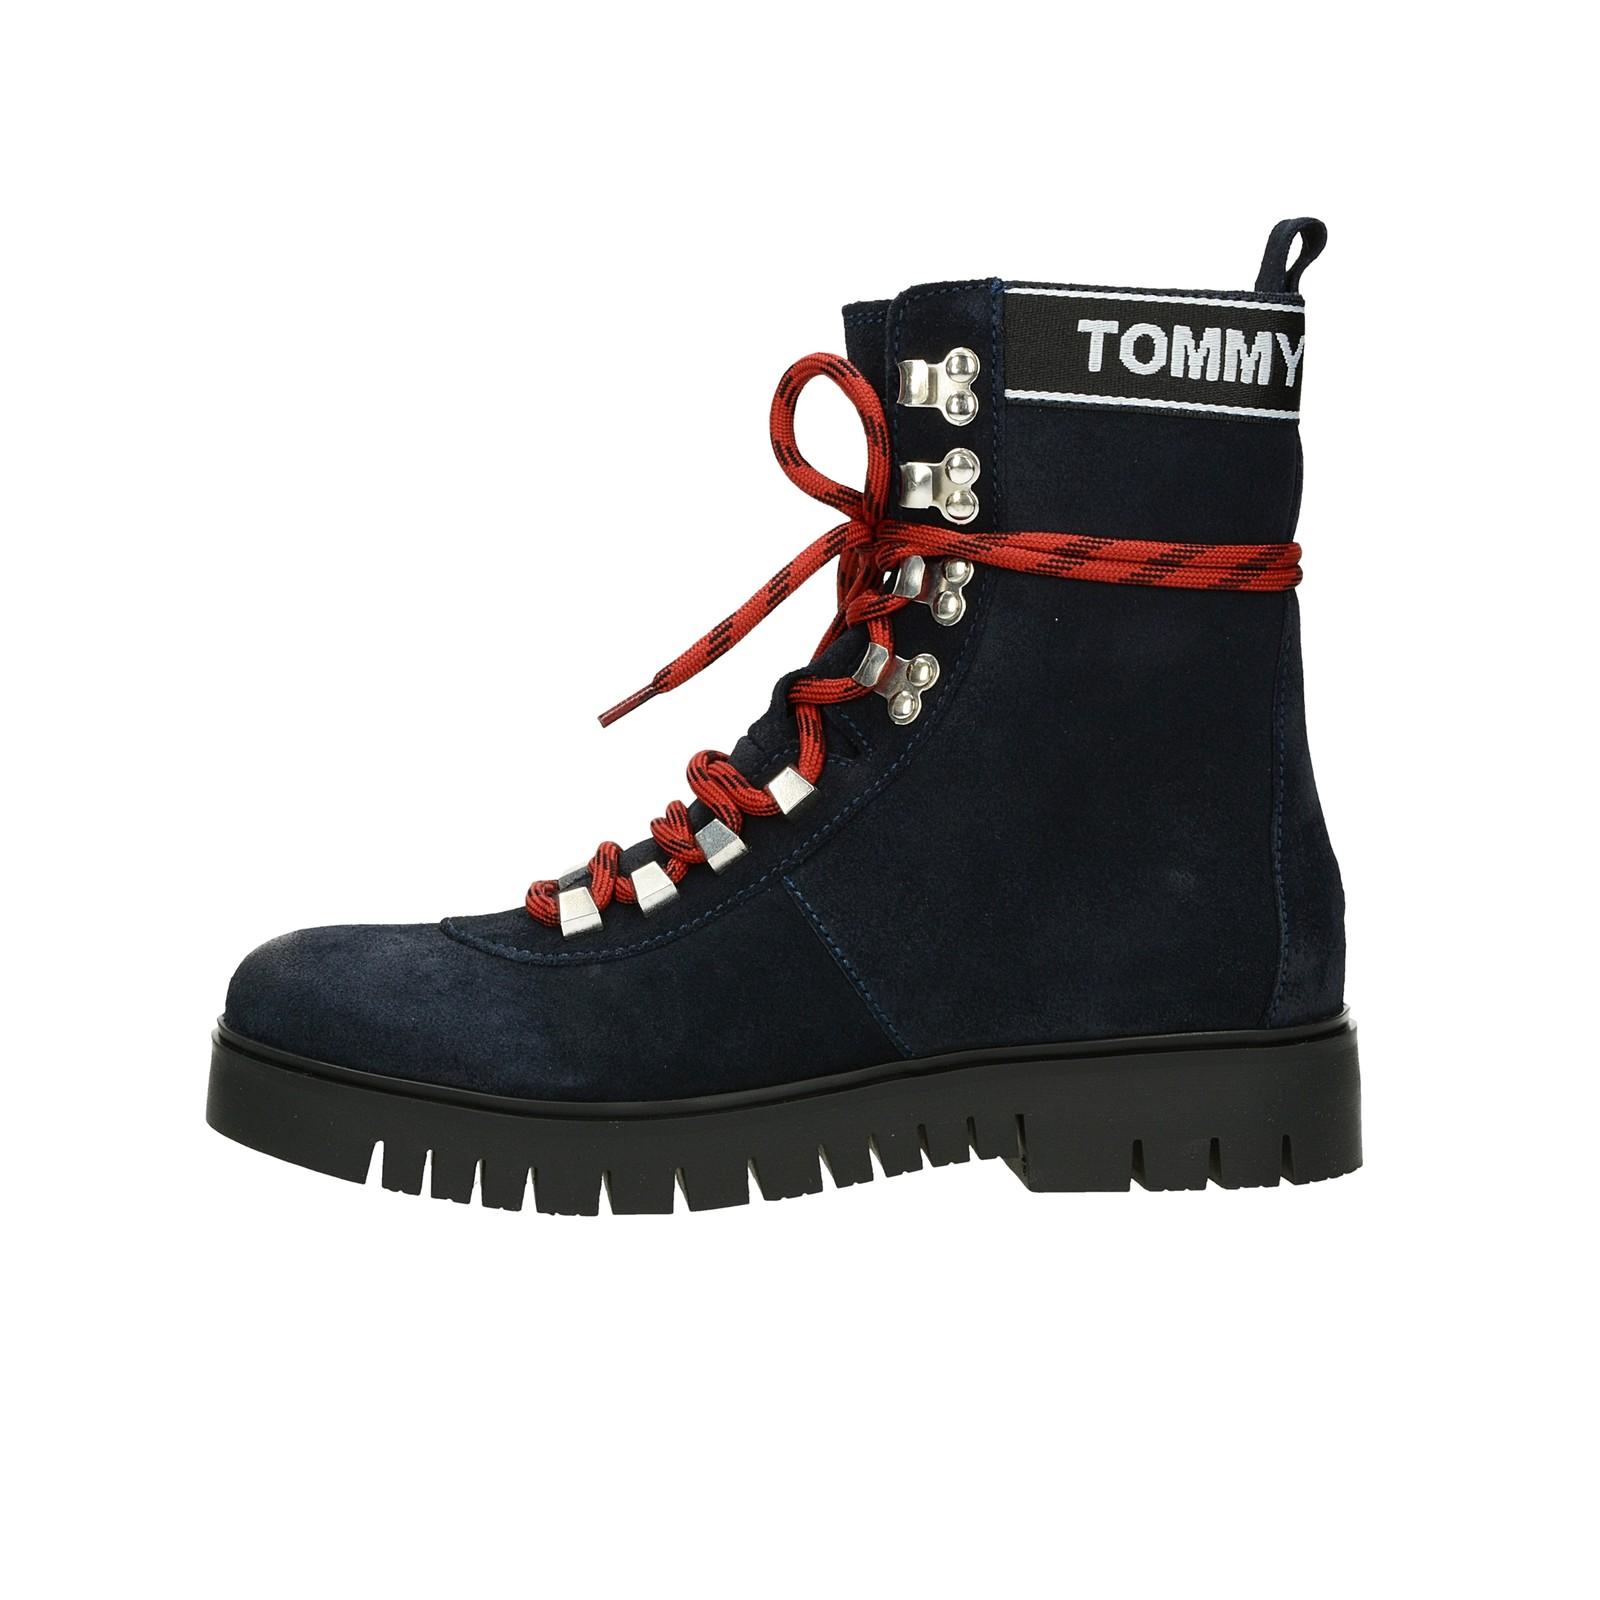 2cce8072d5220 Tommy Hilfiger dámske vysoké kotníky - modré | EN0EN00369403 ...